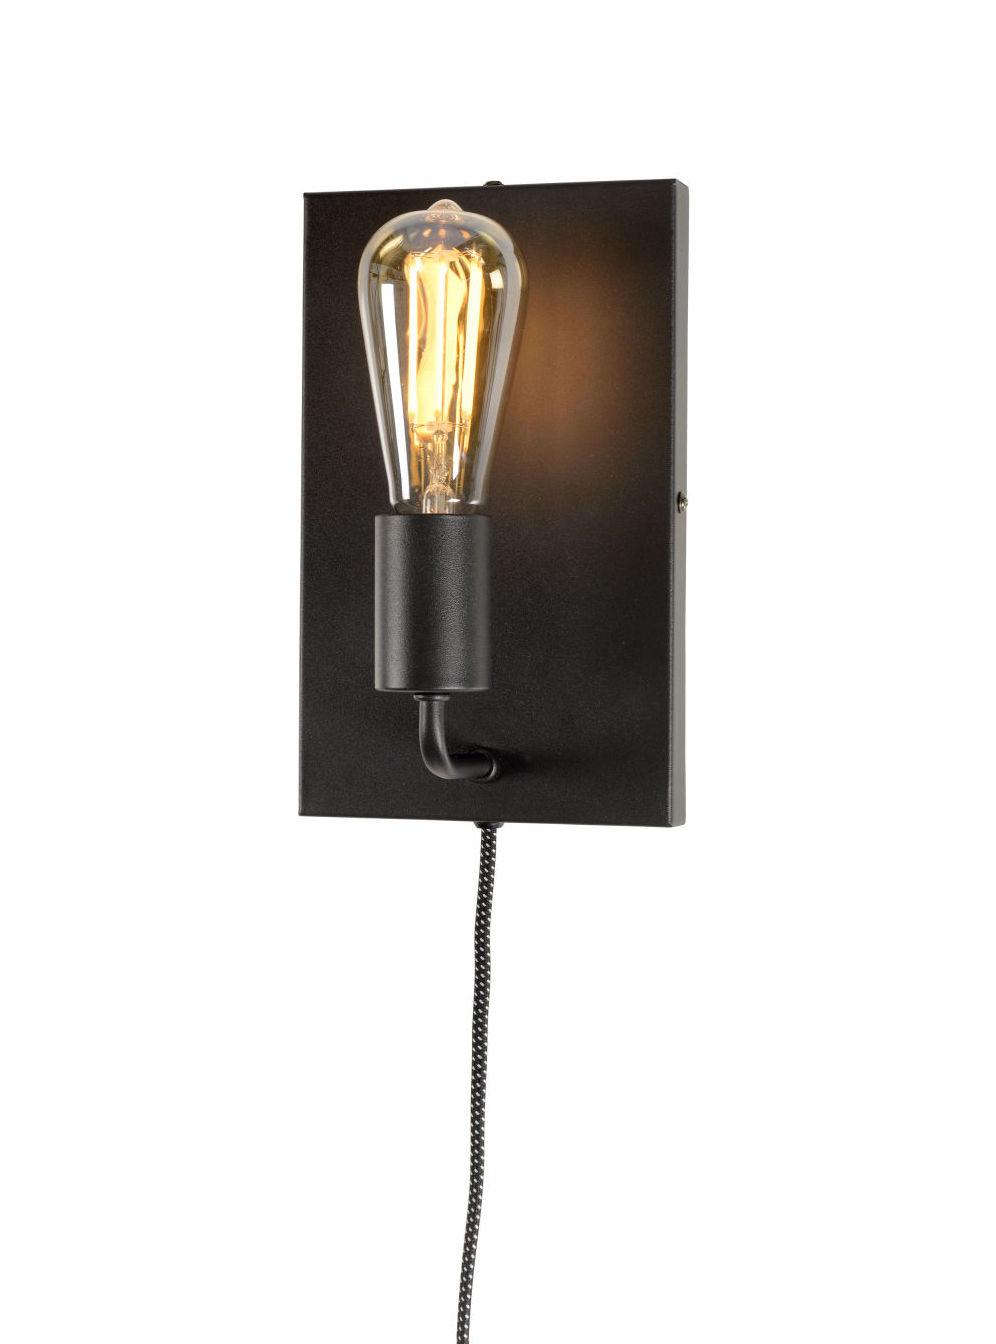 Luminaire - Appliques - Applique avec prise Madrid Large - It's about Romi - Noir - Fer peint